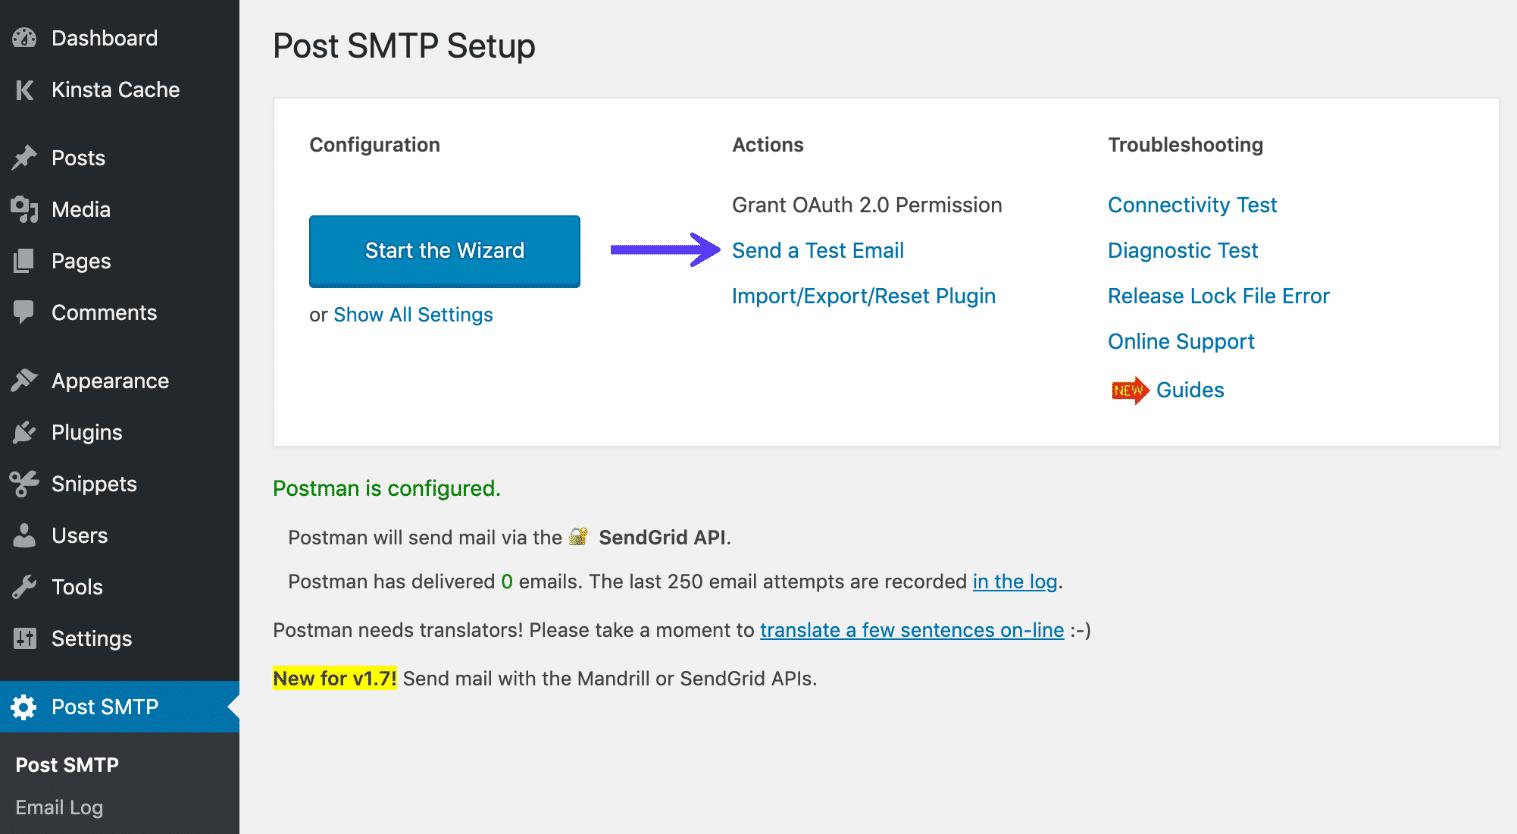 Publica el mensaje de prueba de SMTP